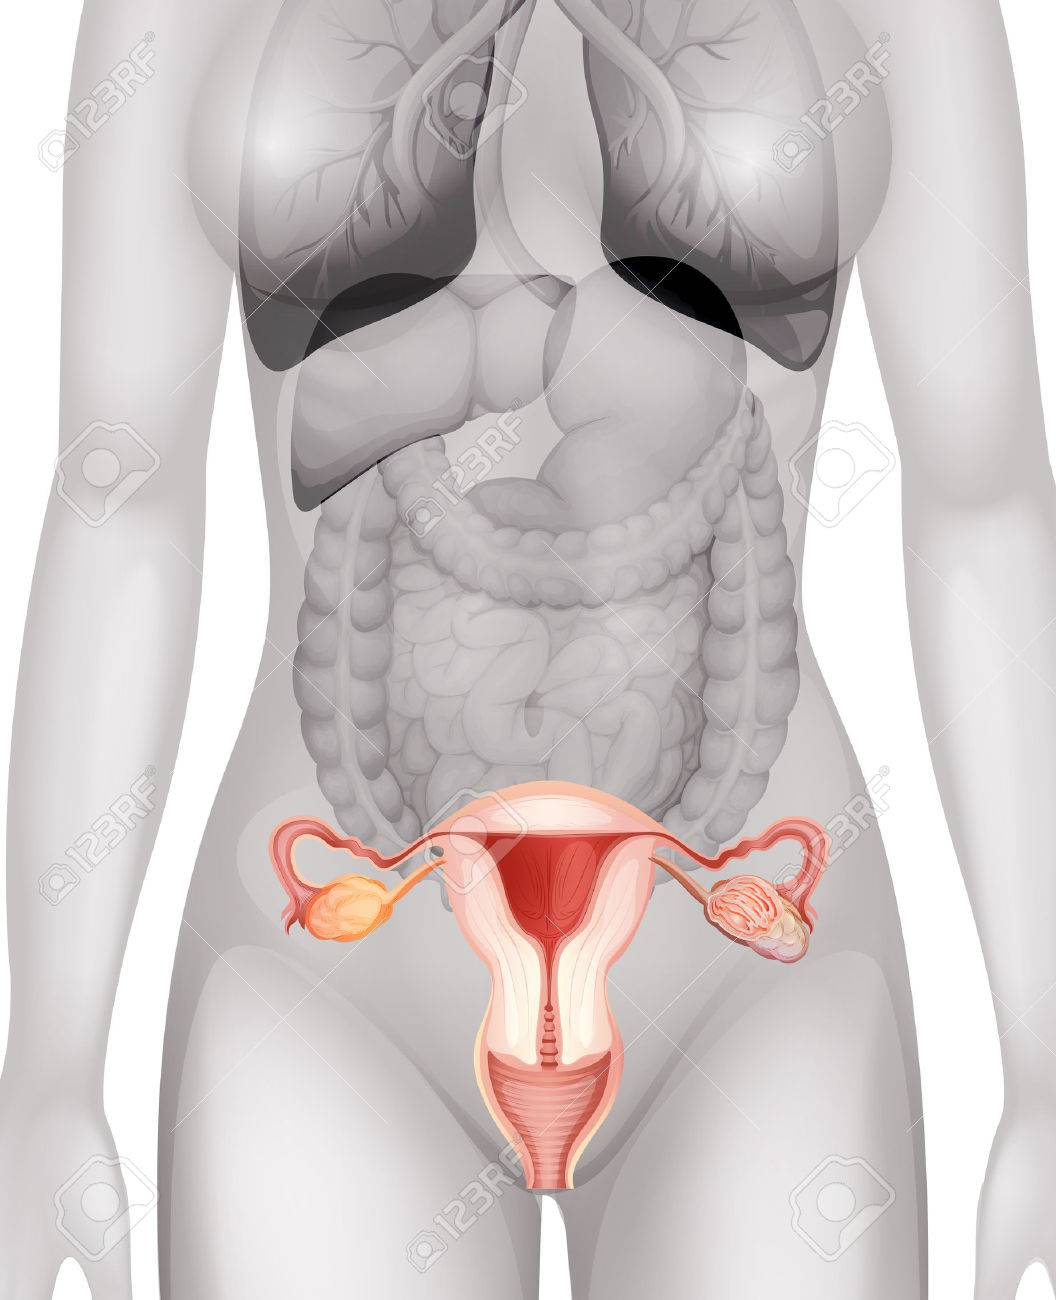 Großzügig Organe In Körperbild Ideen - Anatomie Und Physiologie ...